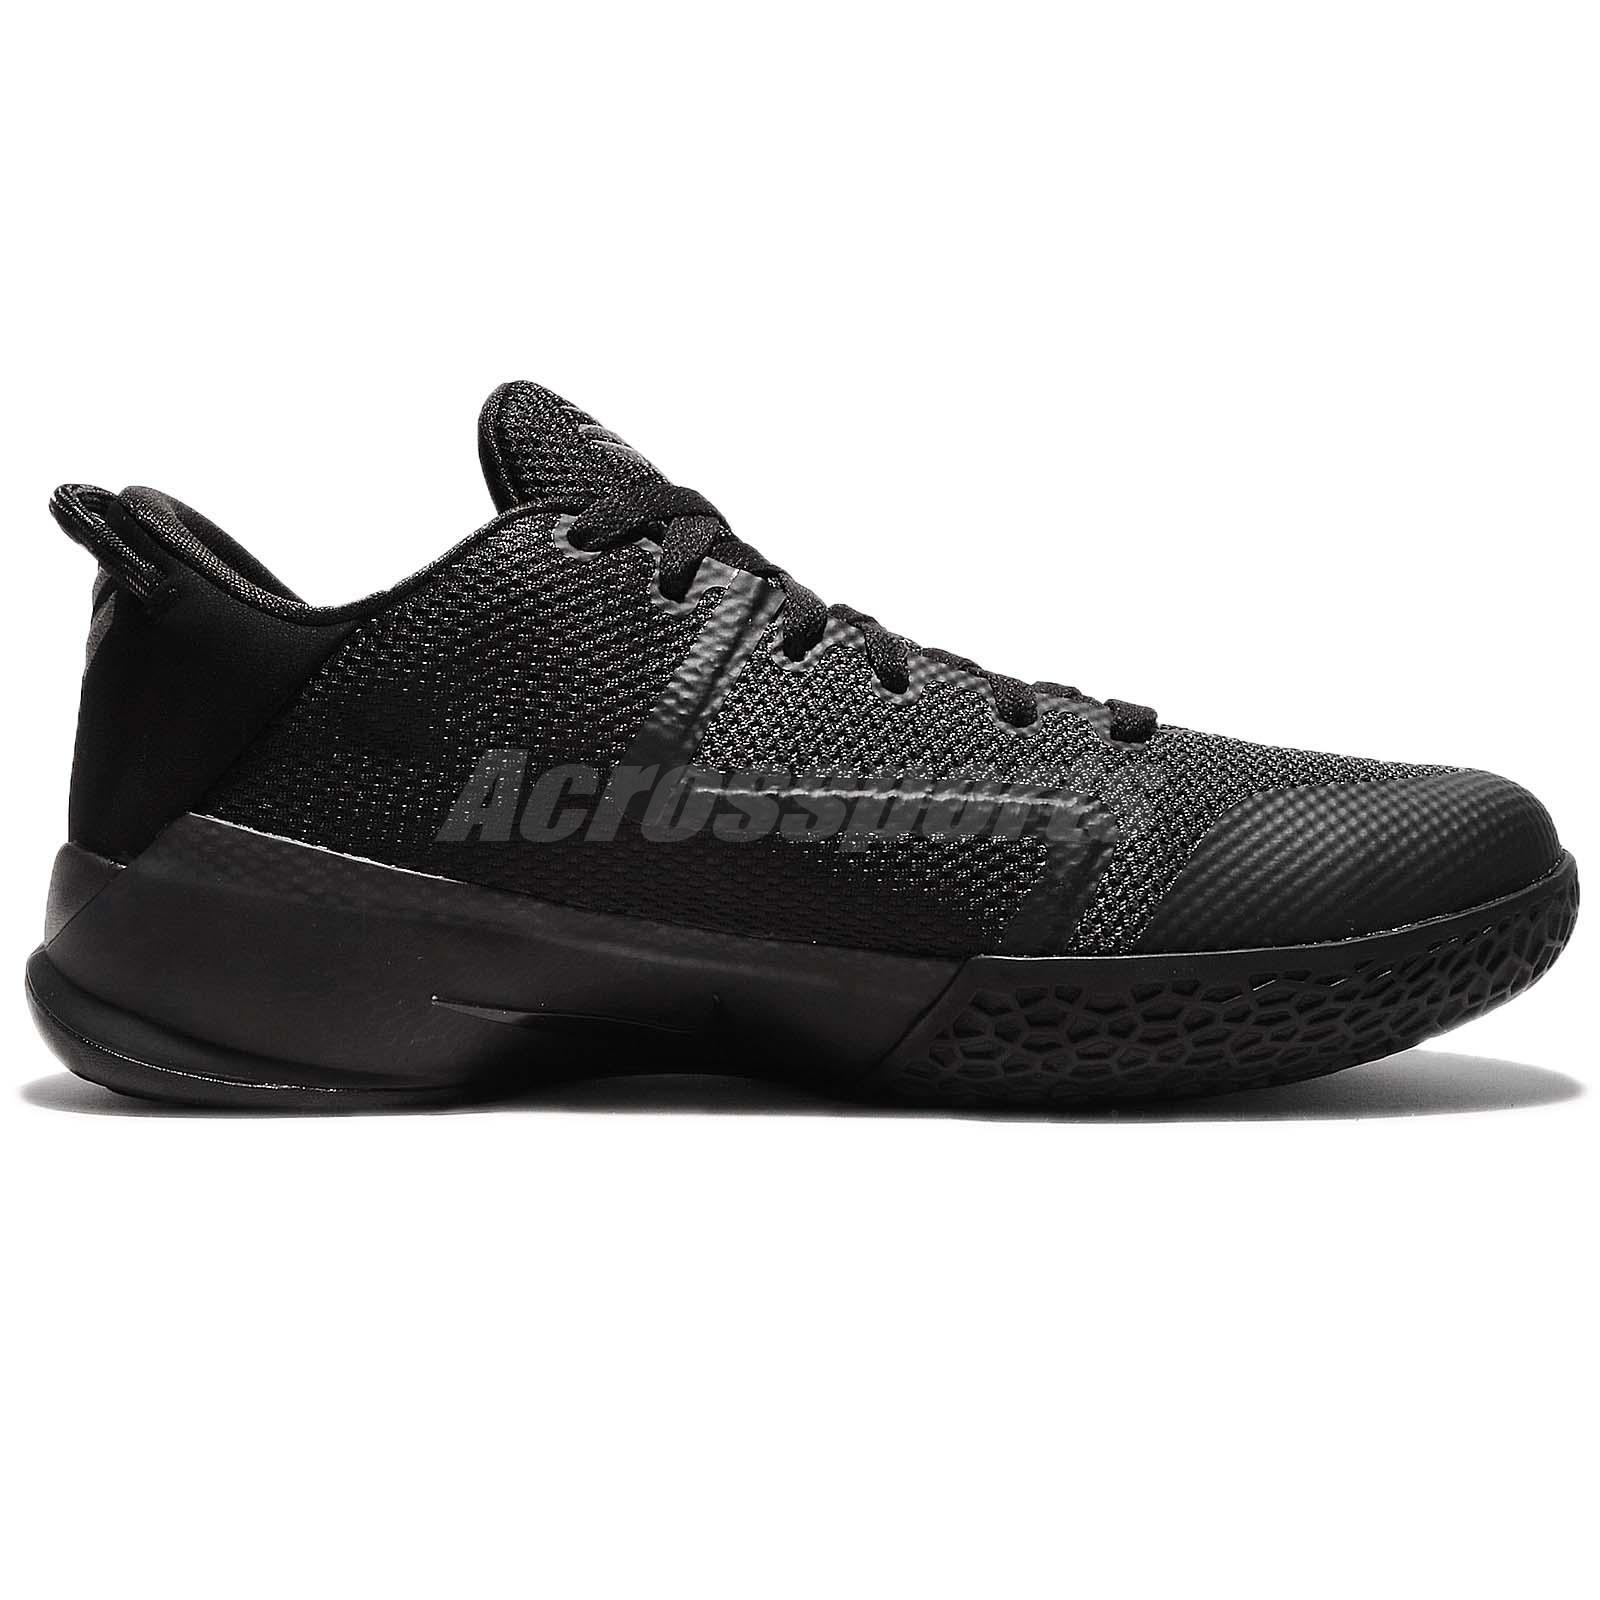 468bec9a269a Nike Zoom Kobe Venomenon 6 VI EP Bryant Triple Black Men Basketball